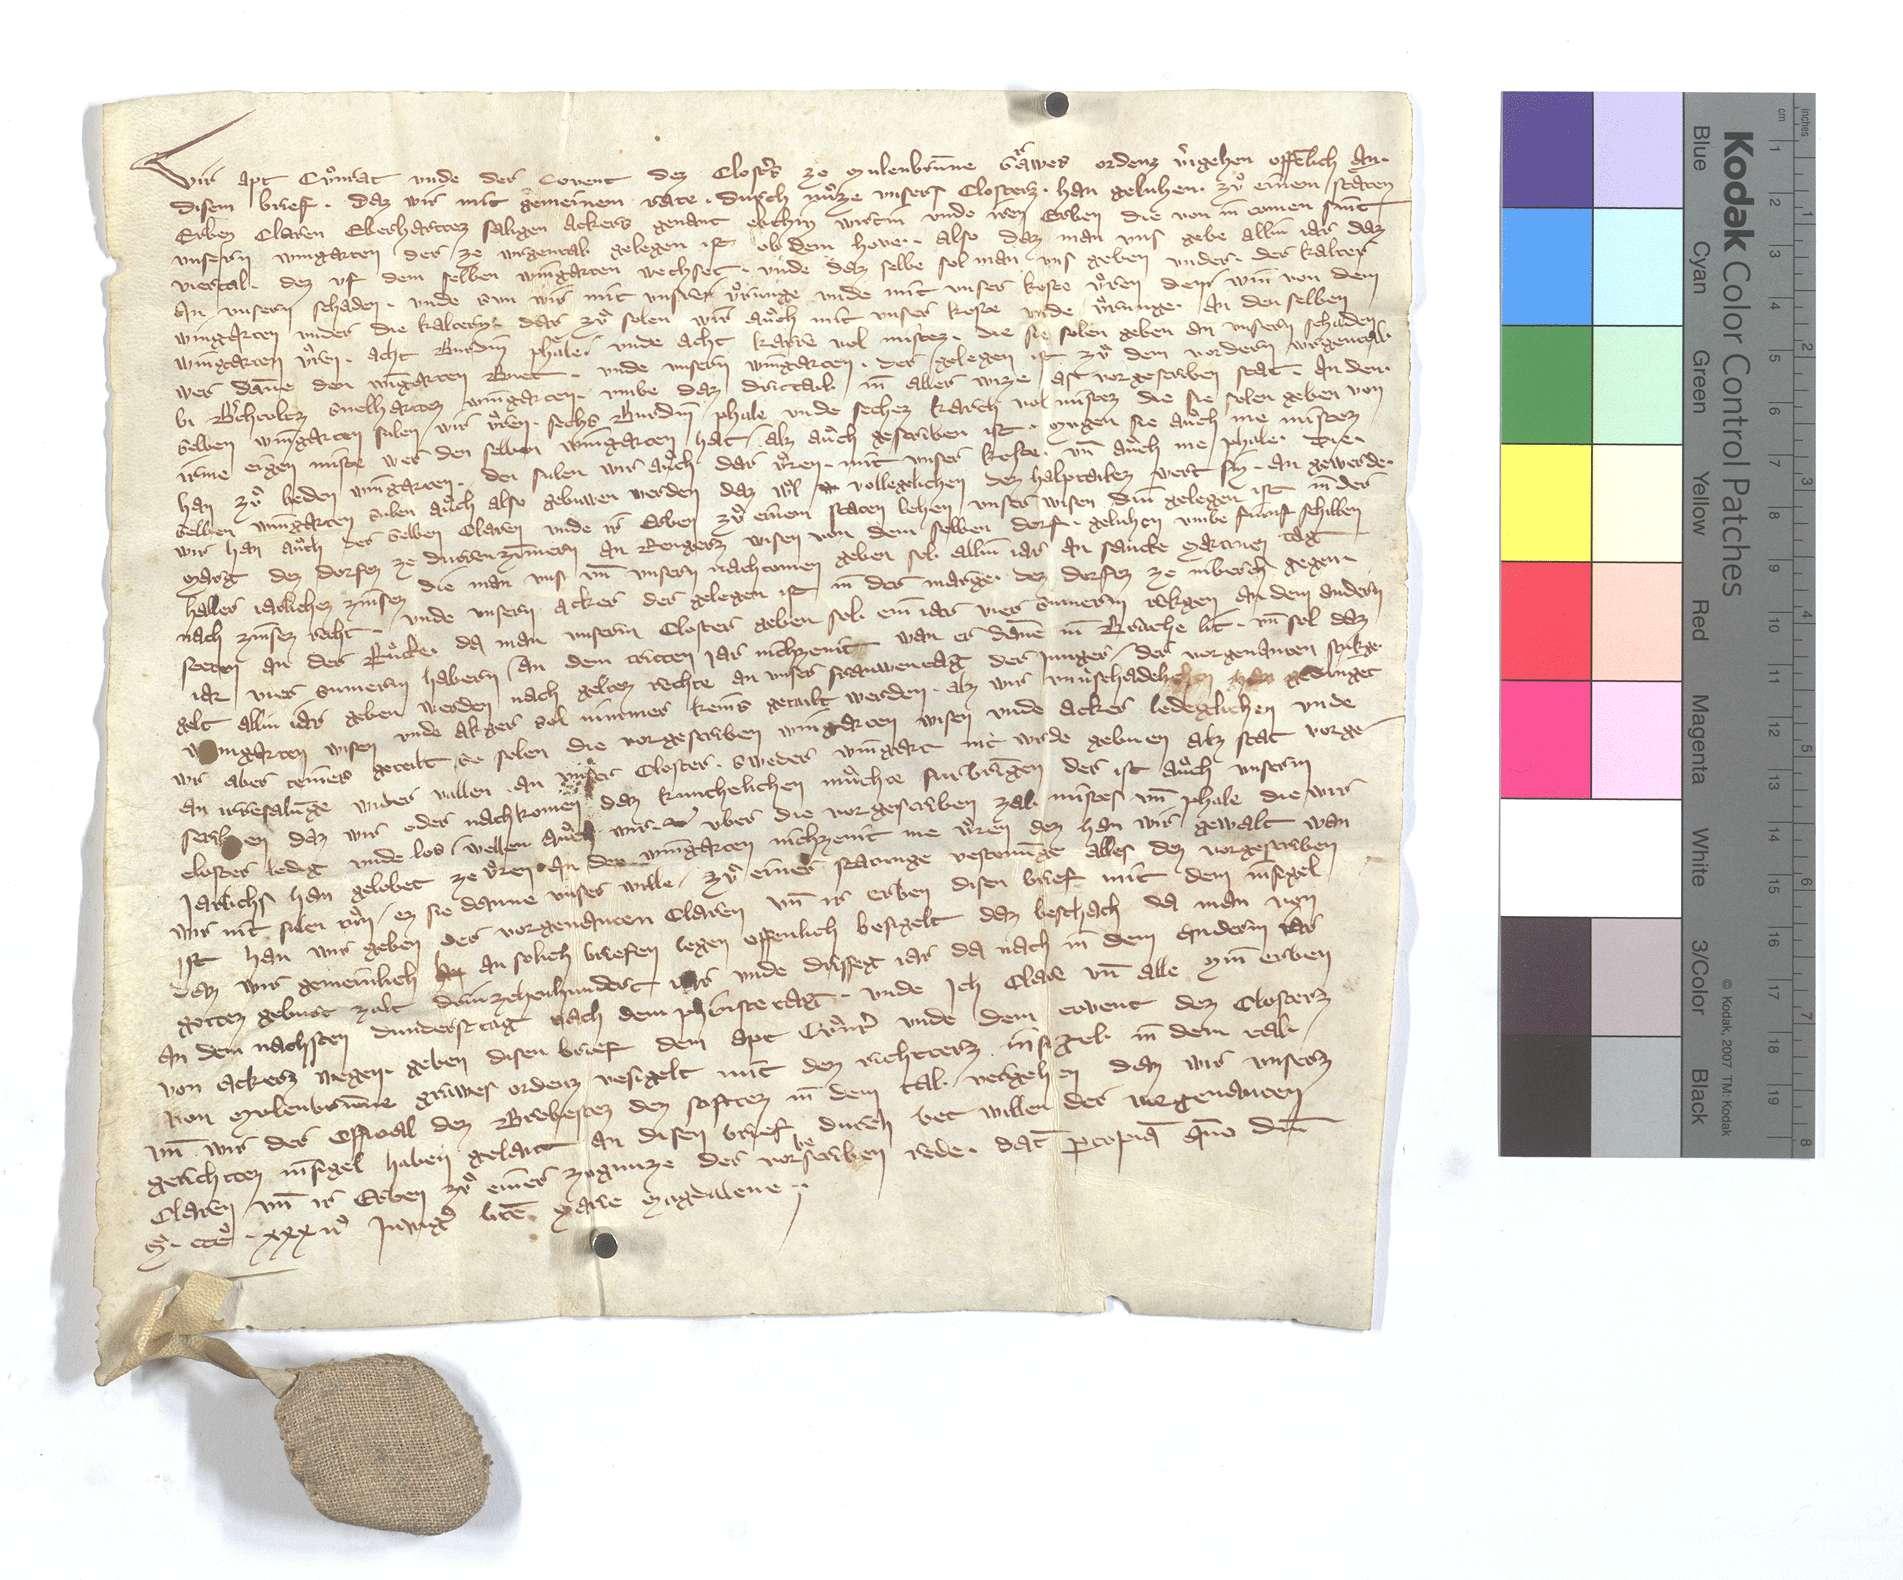 Lehensbrief des Abts Konrad von Maulbronn für Clara, Eberhard Ackers Frau, um den Weingarten in Weigental (Wegental) ob dem Hofe., Text